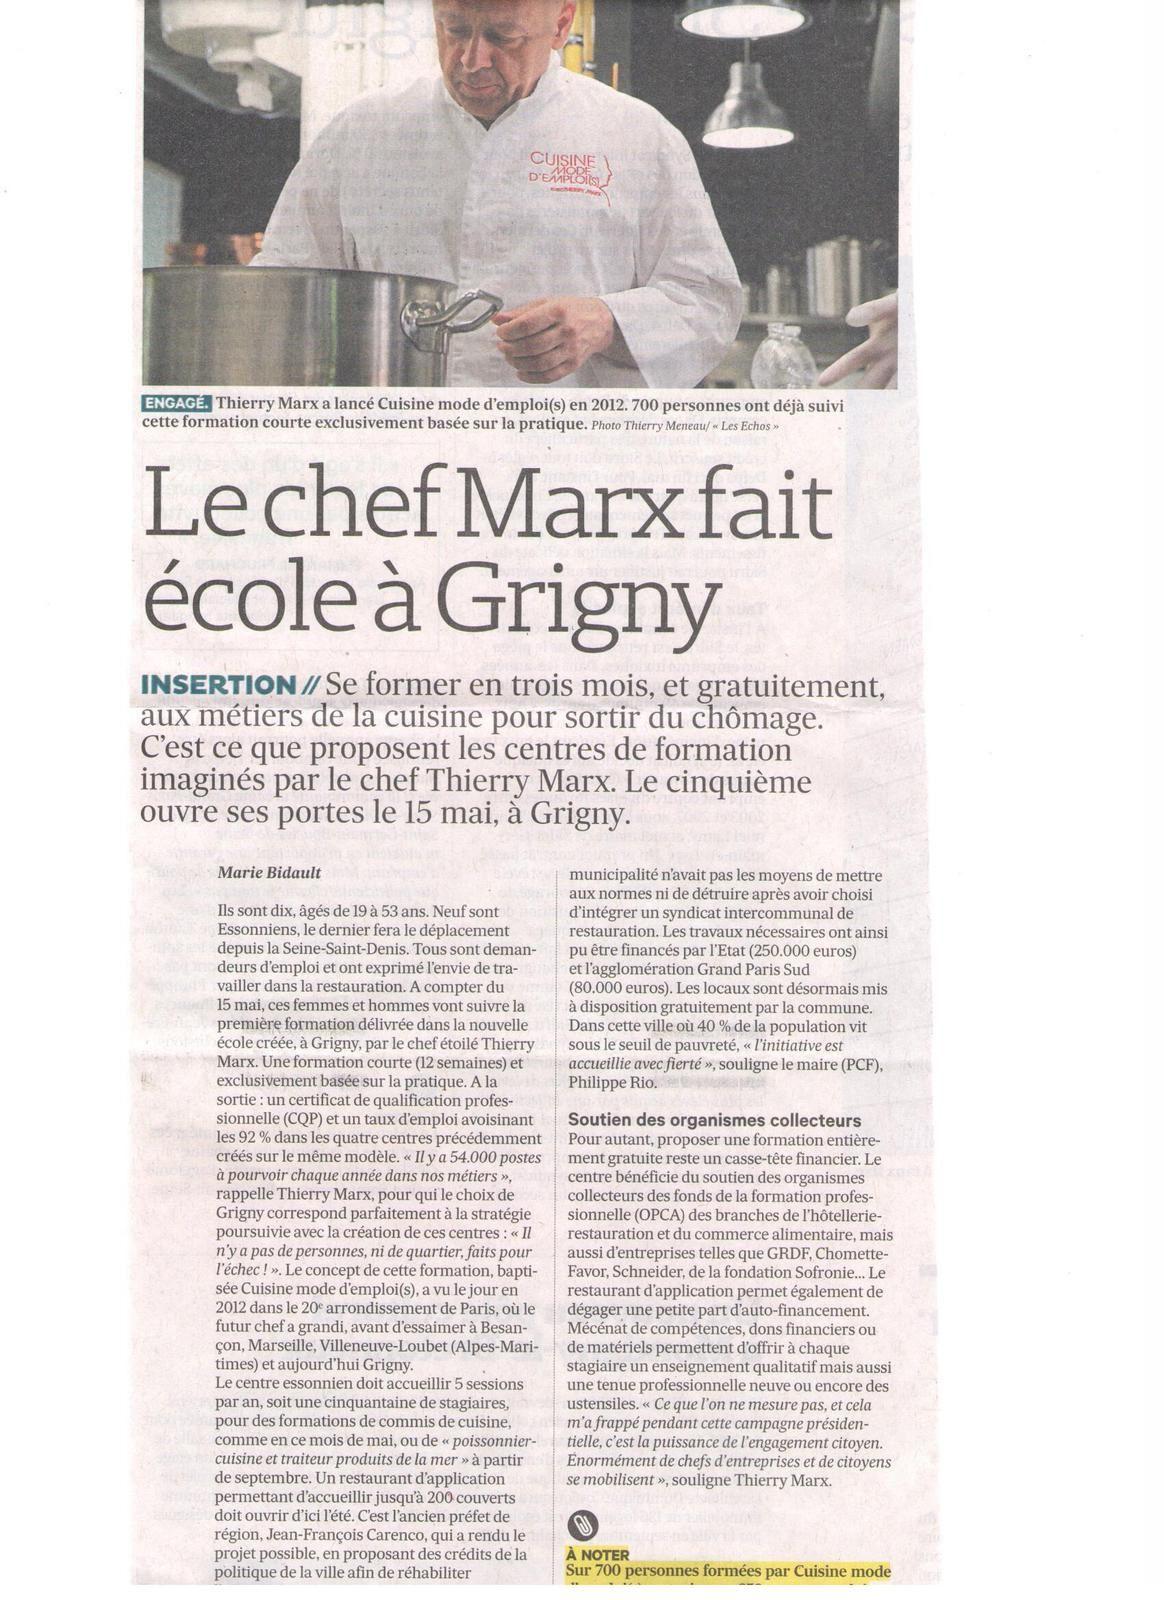 Vus et lus dans L'Usine Nouvelle n° 3512 du 20 avril 2017, n° 3513 du 27 avril 2017, Les Echos du 10 mai 2017, et le Parisien Eco du 22 mai 2017